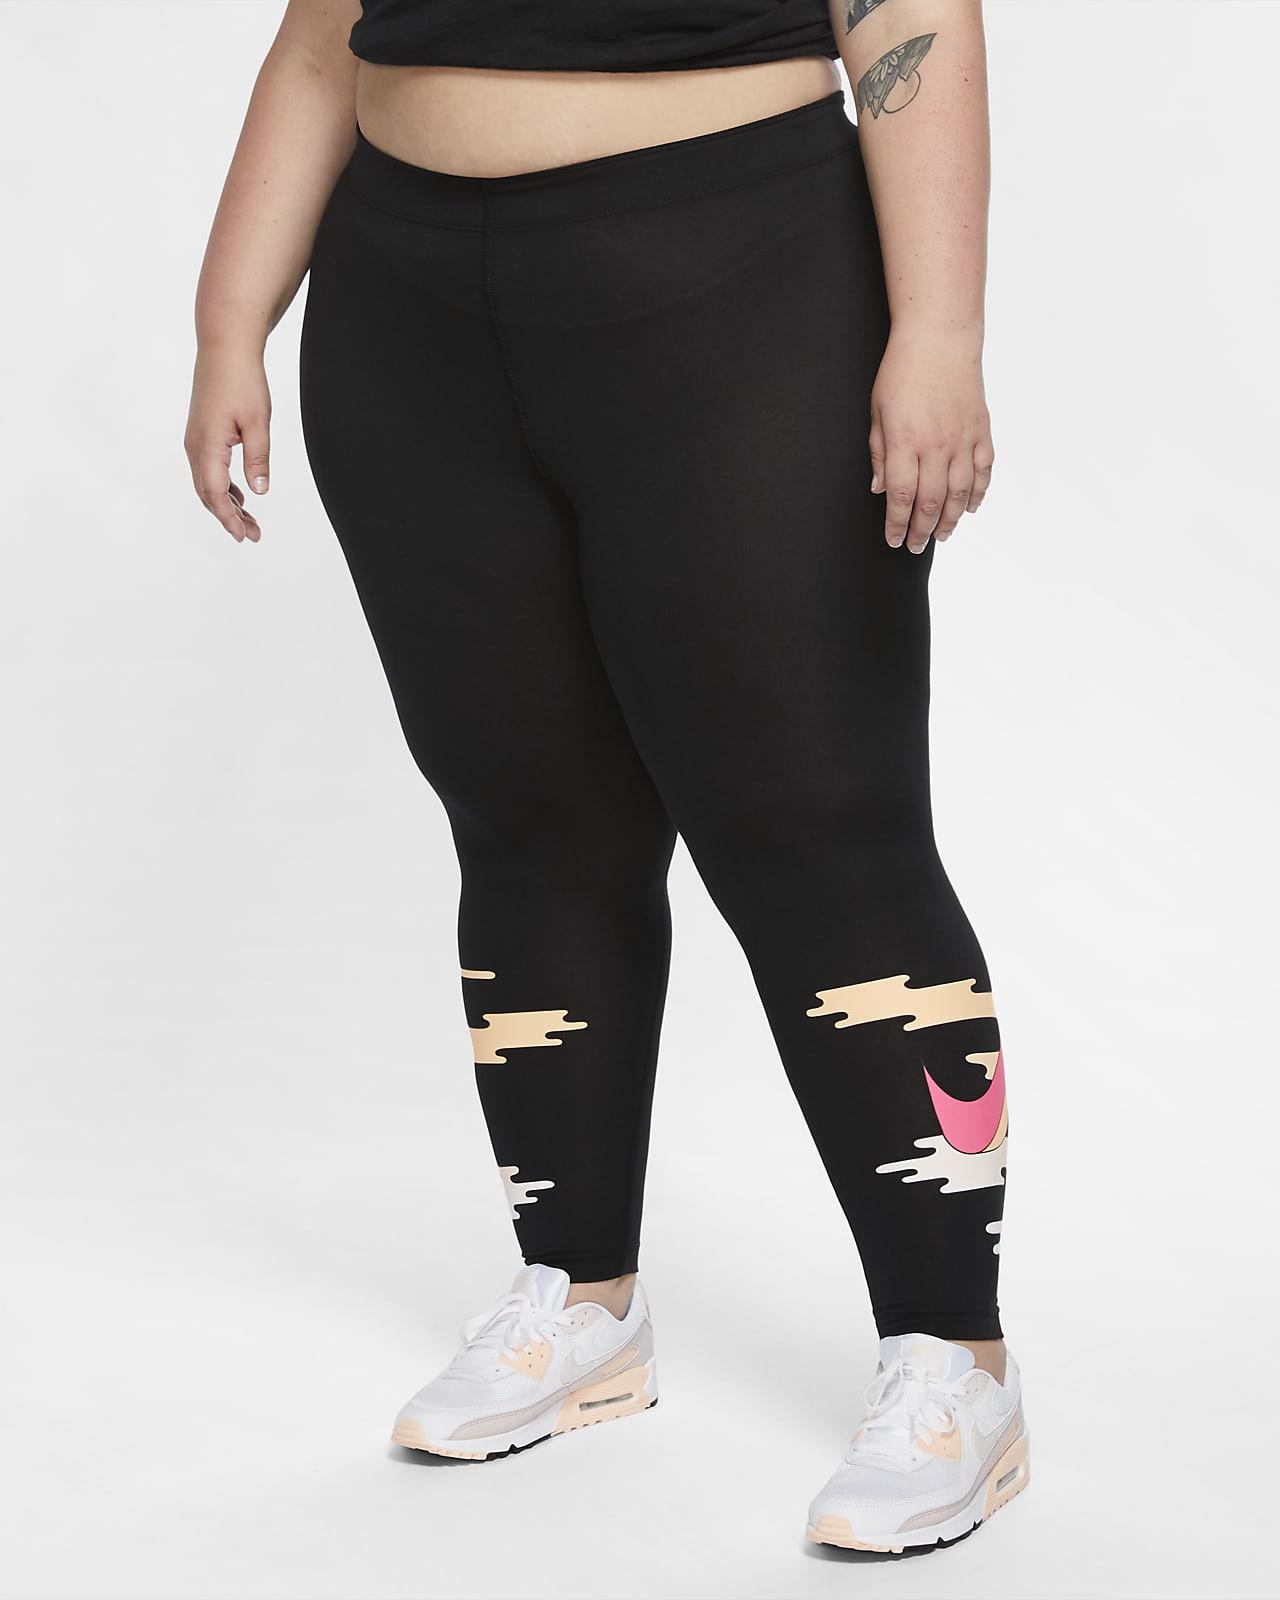 Nike Sportswear Women's Leggings (Plus